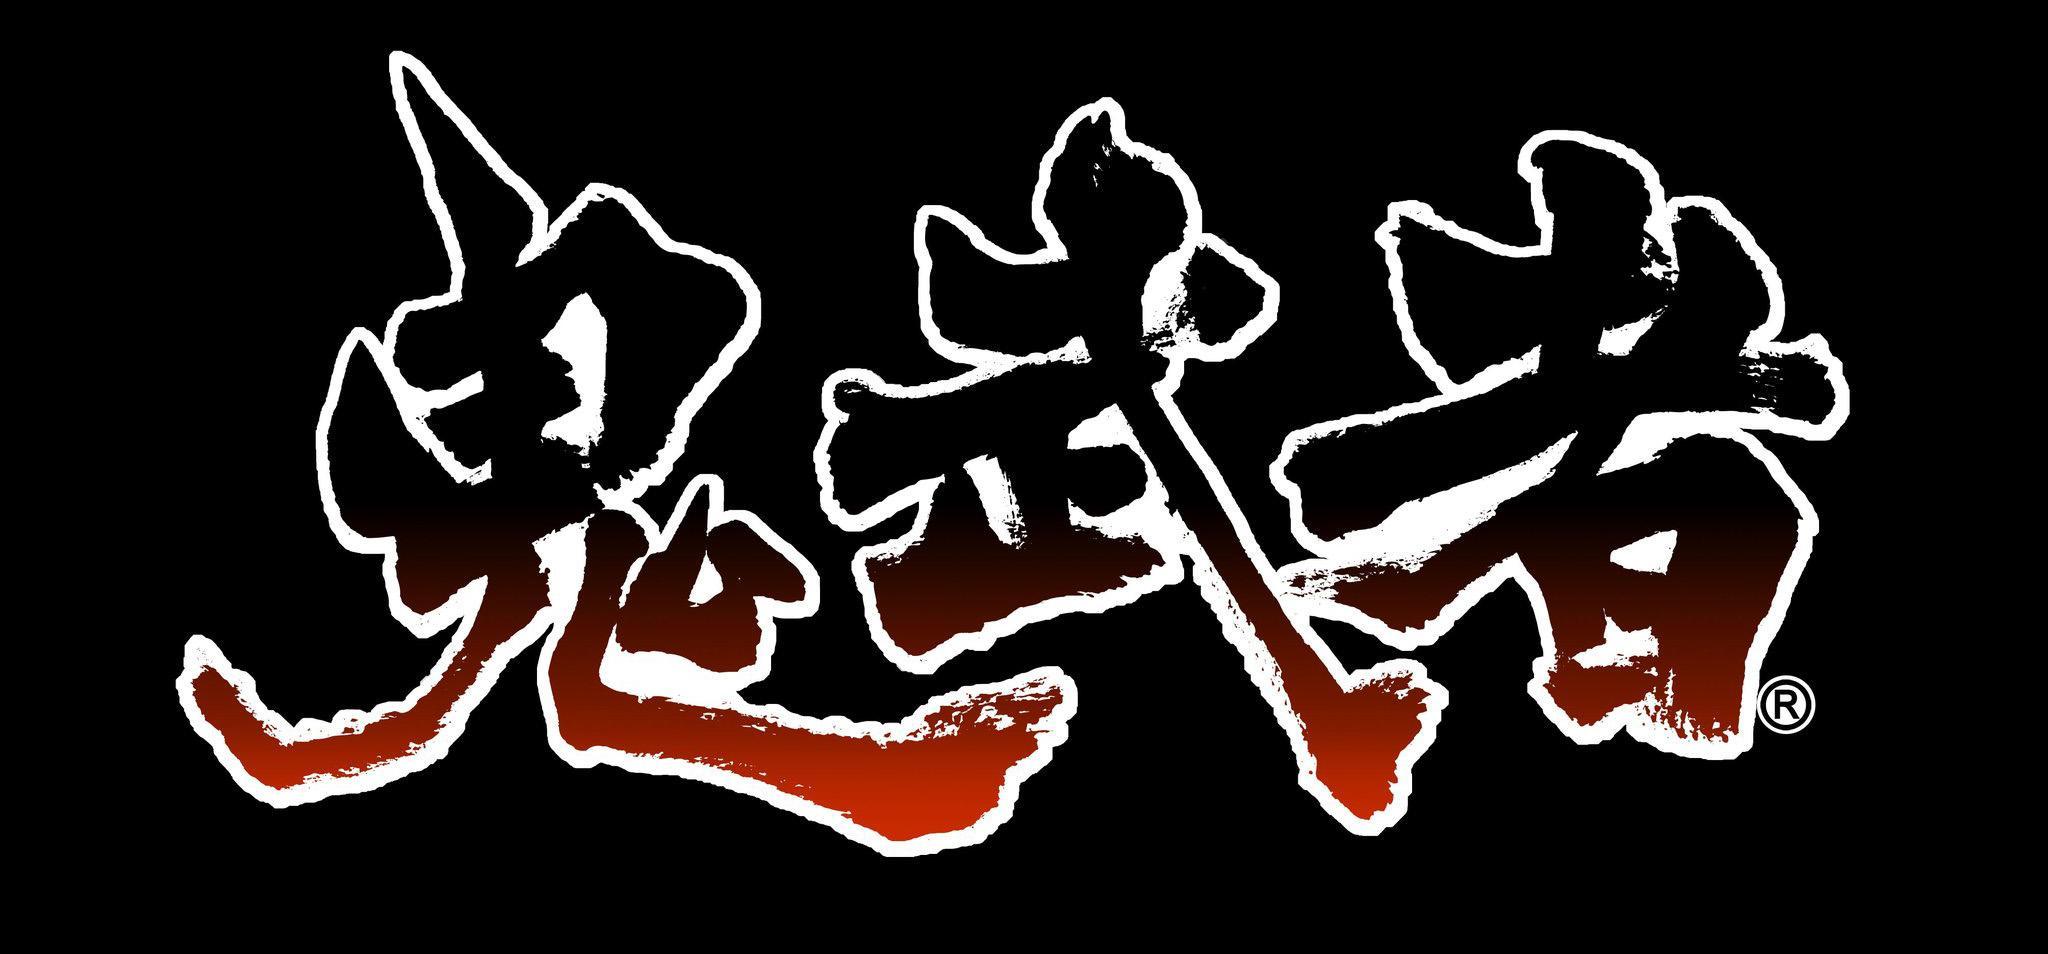 《鬼武者》重制版首部预告 全新要素发售日正式公开